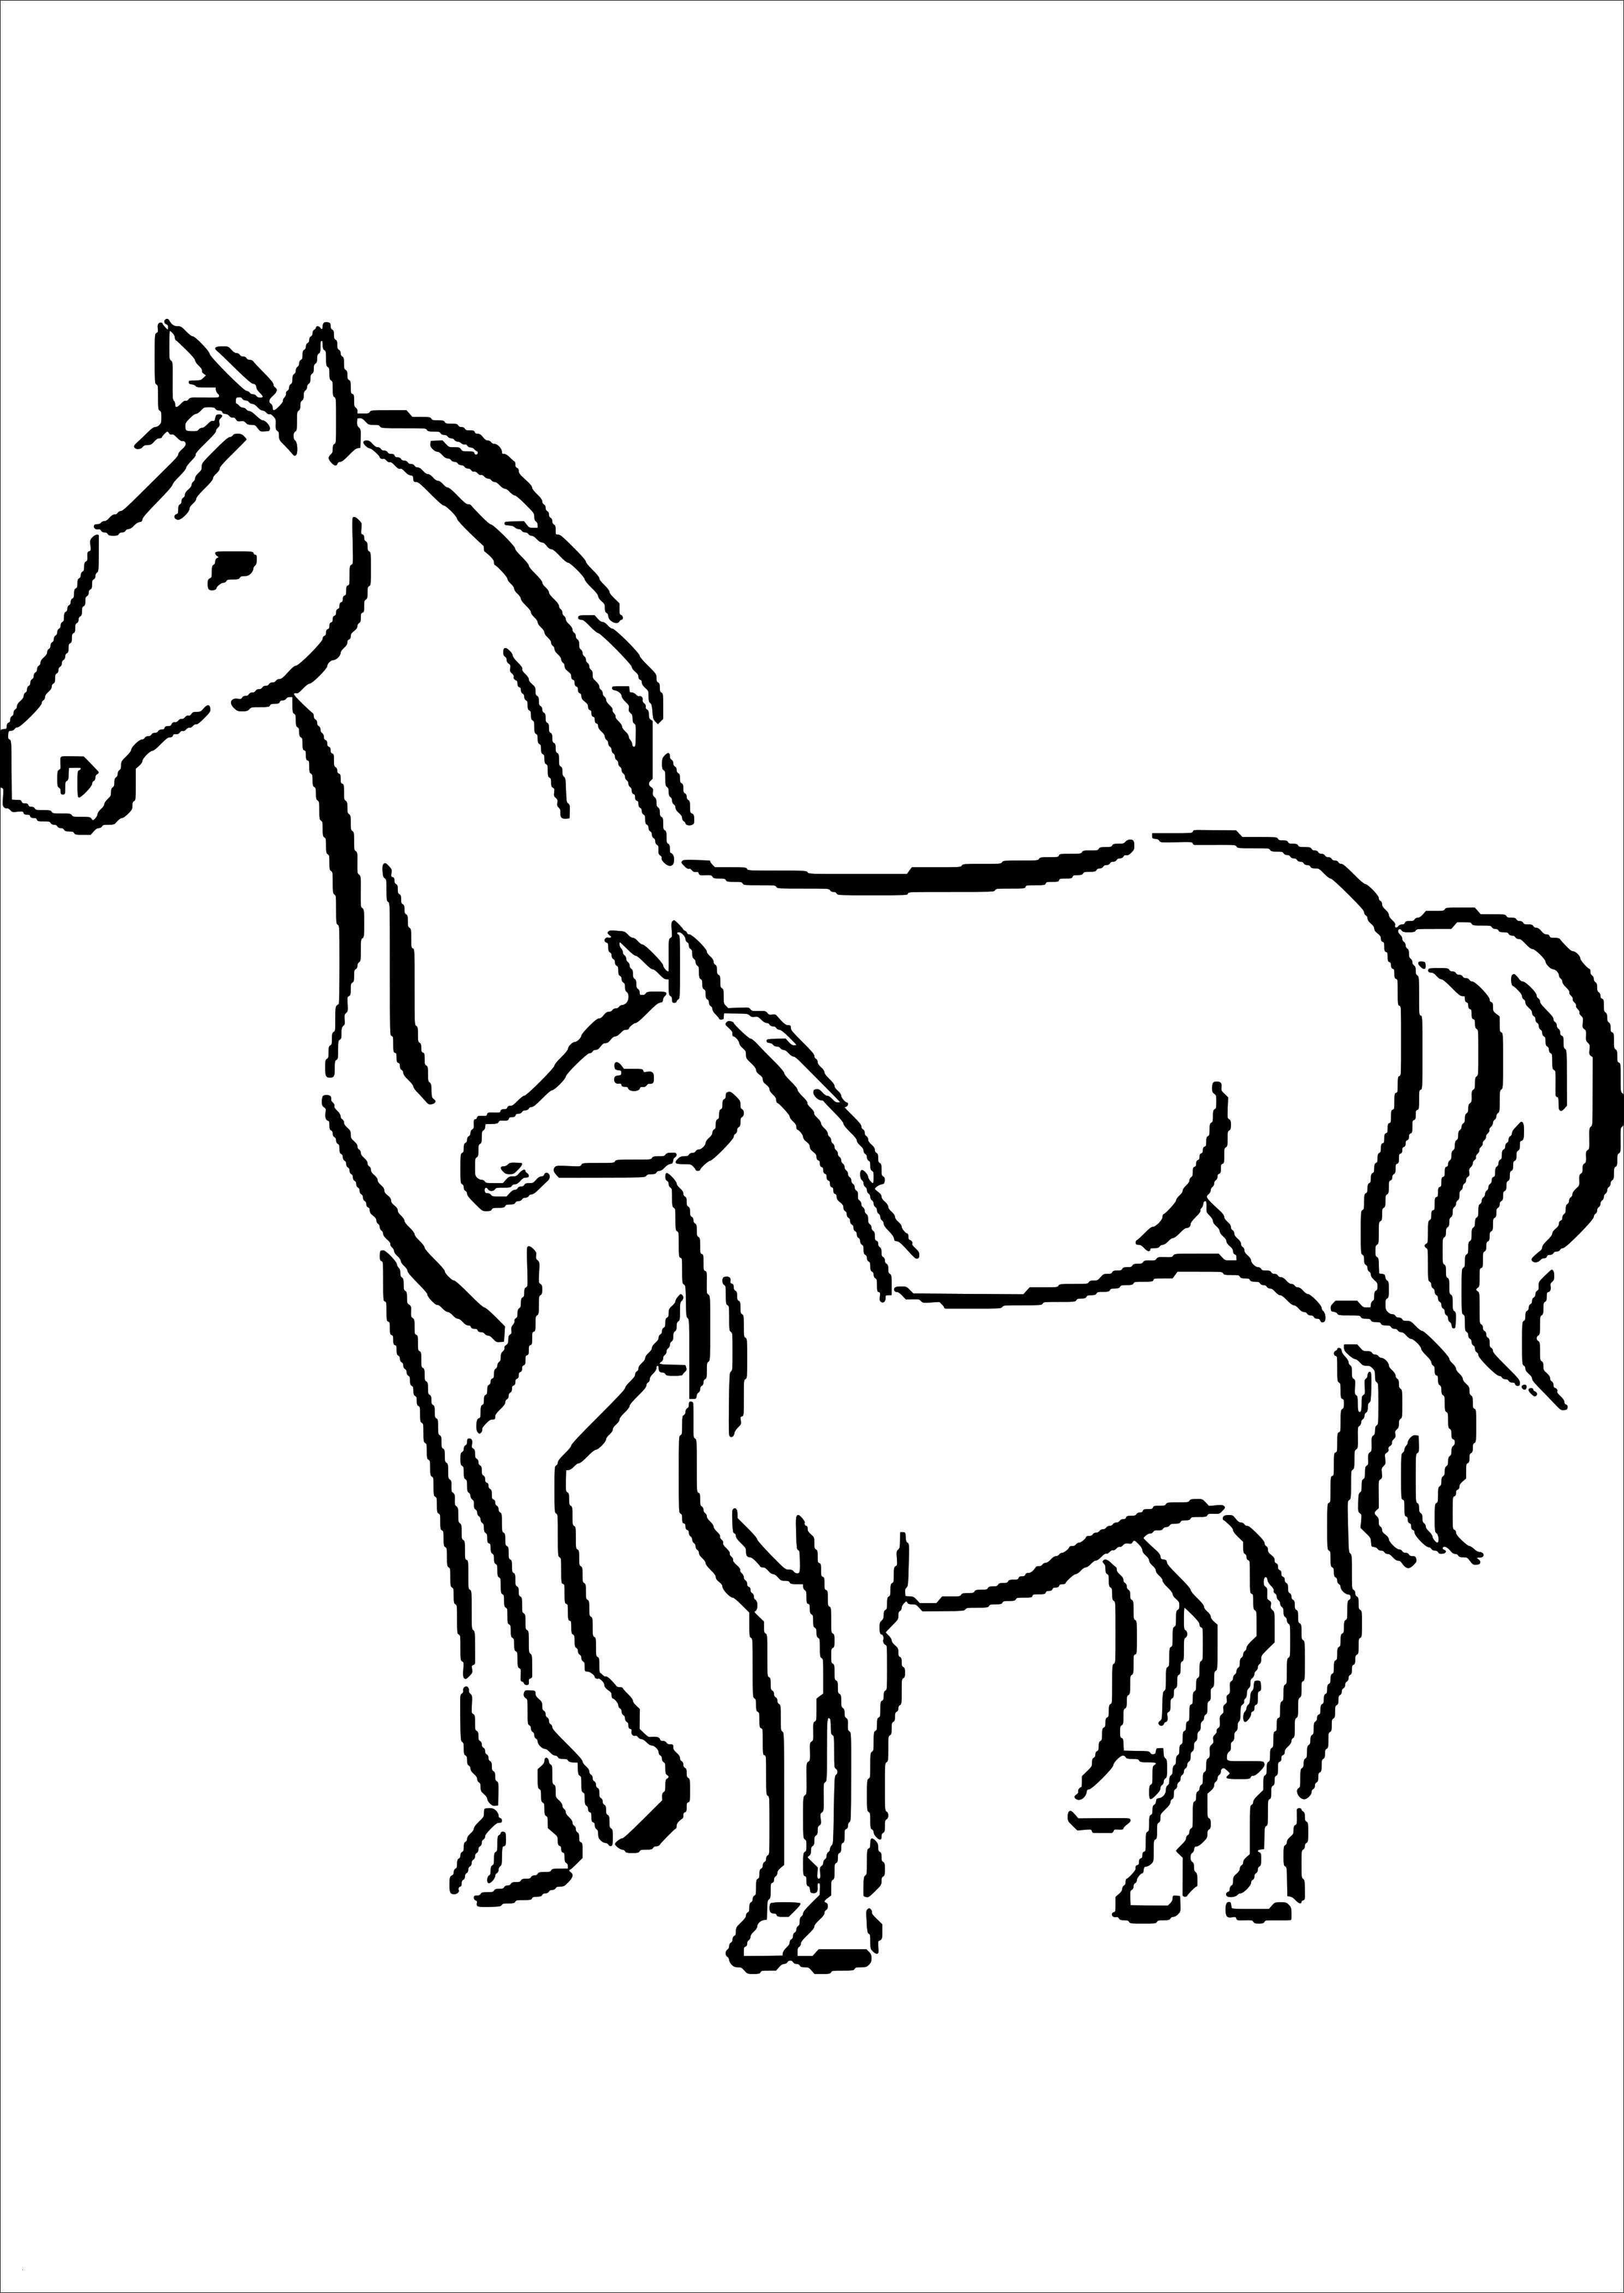 Pferde Ausmalbilder Zum Drucken Einzigartig Malvorlagen Erwachsene Pferd Foto Malvorlagen Pferde Einfach Bild